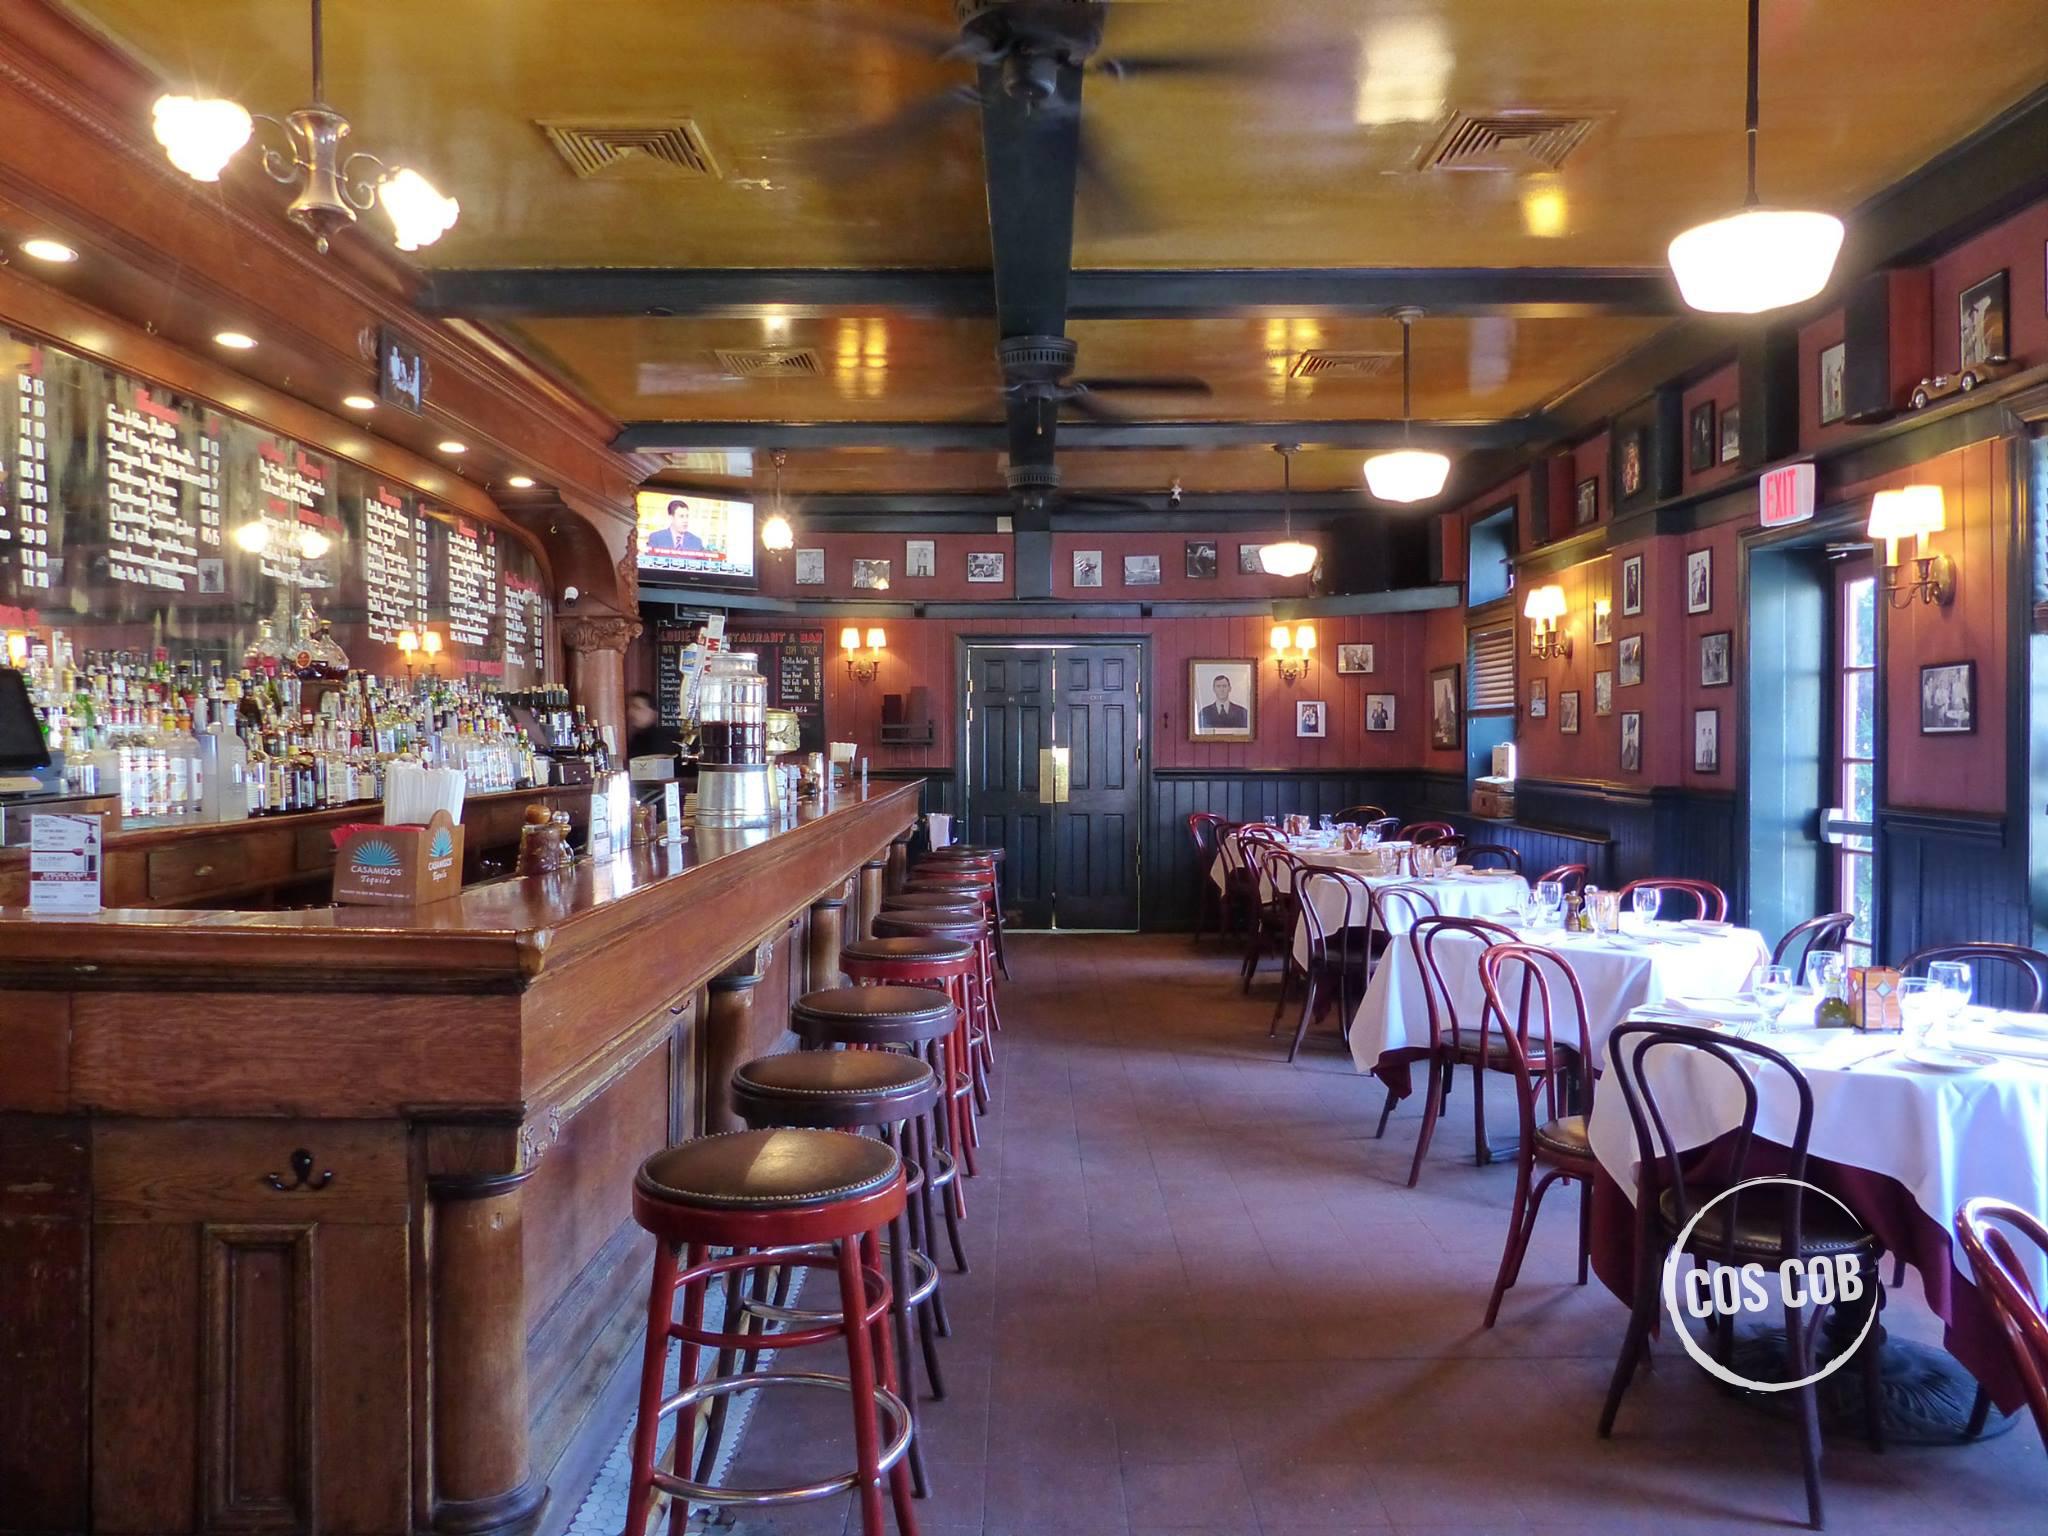 Bar with CC.jpg